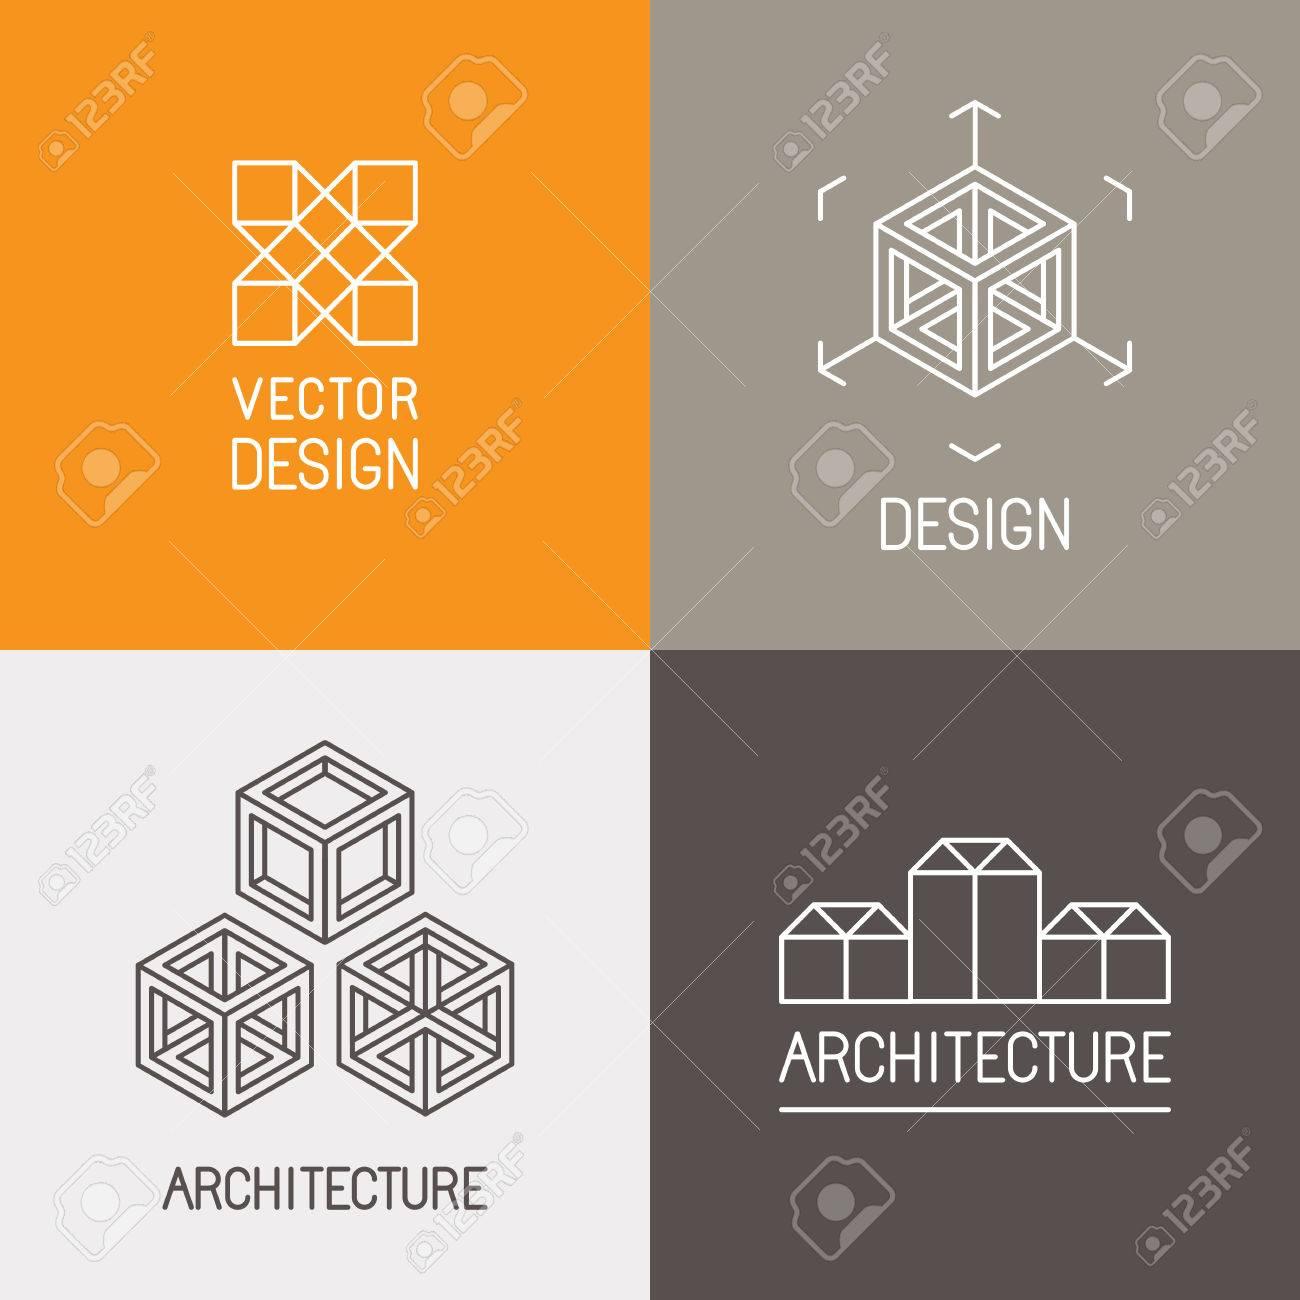 Conjunto De Vectores Plantillas De Diseño En Estilo Lineal Simple ...